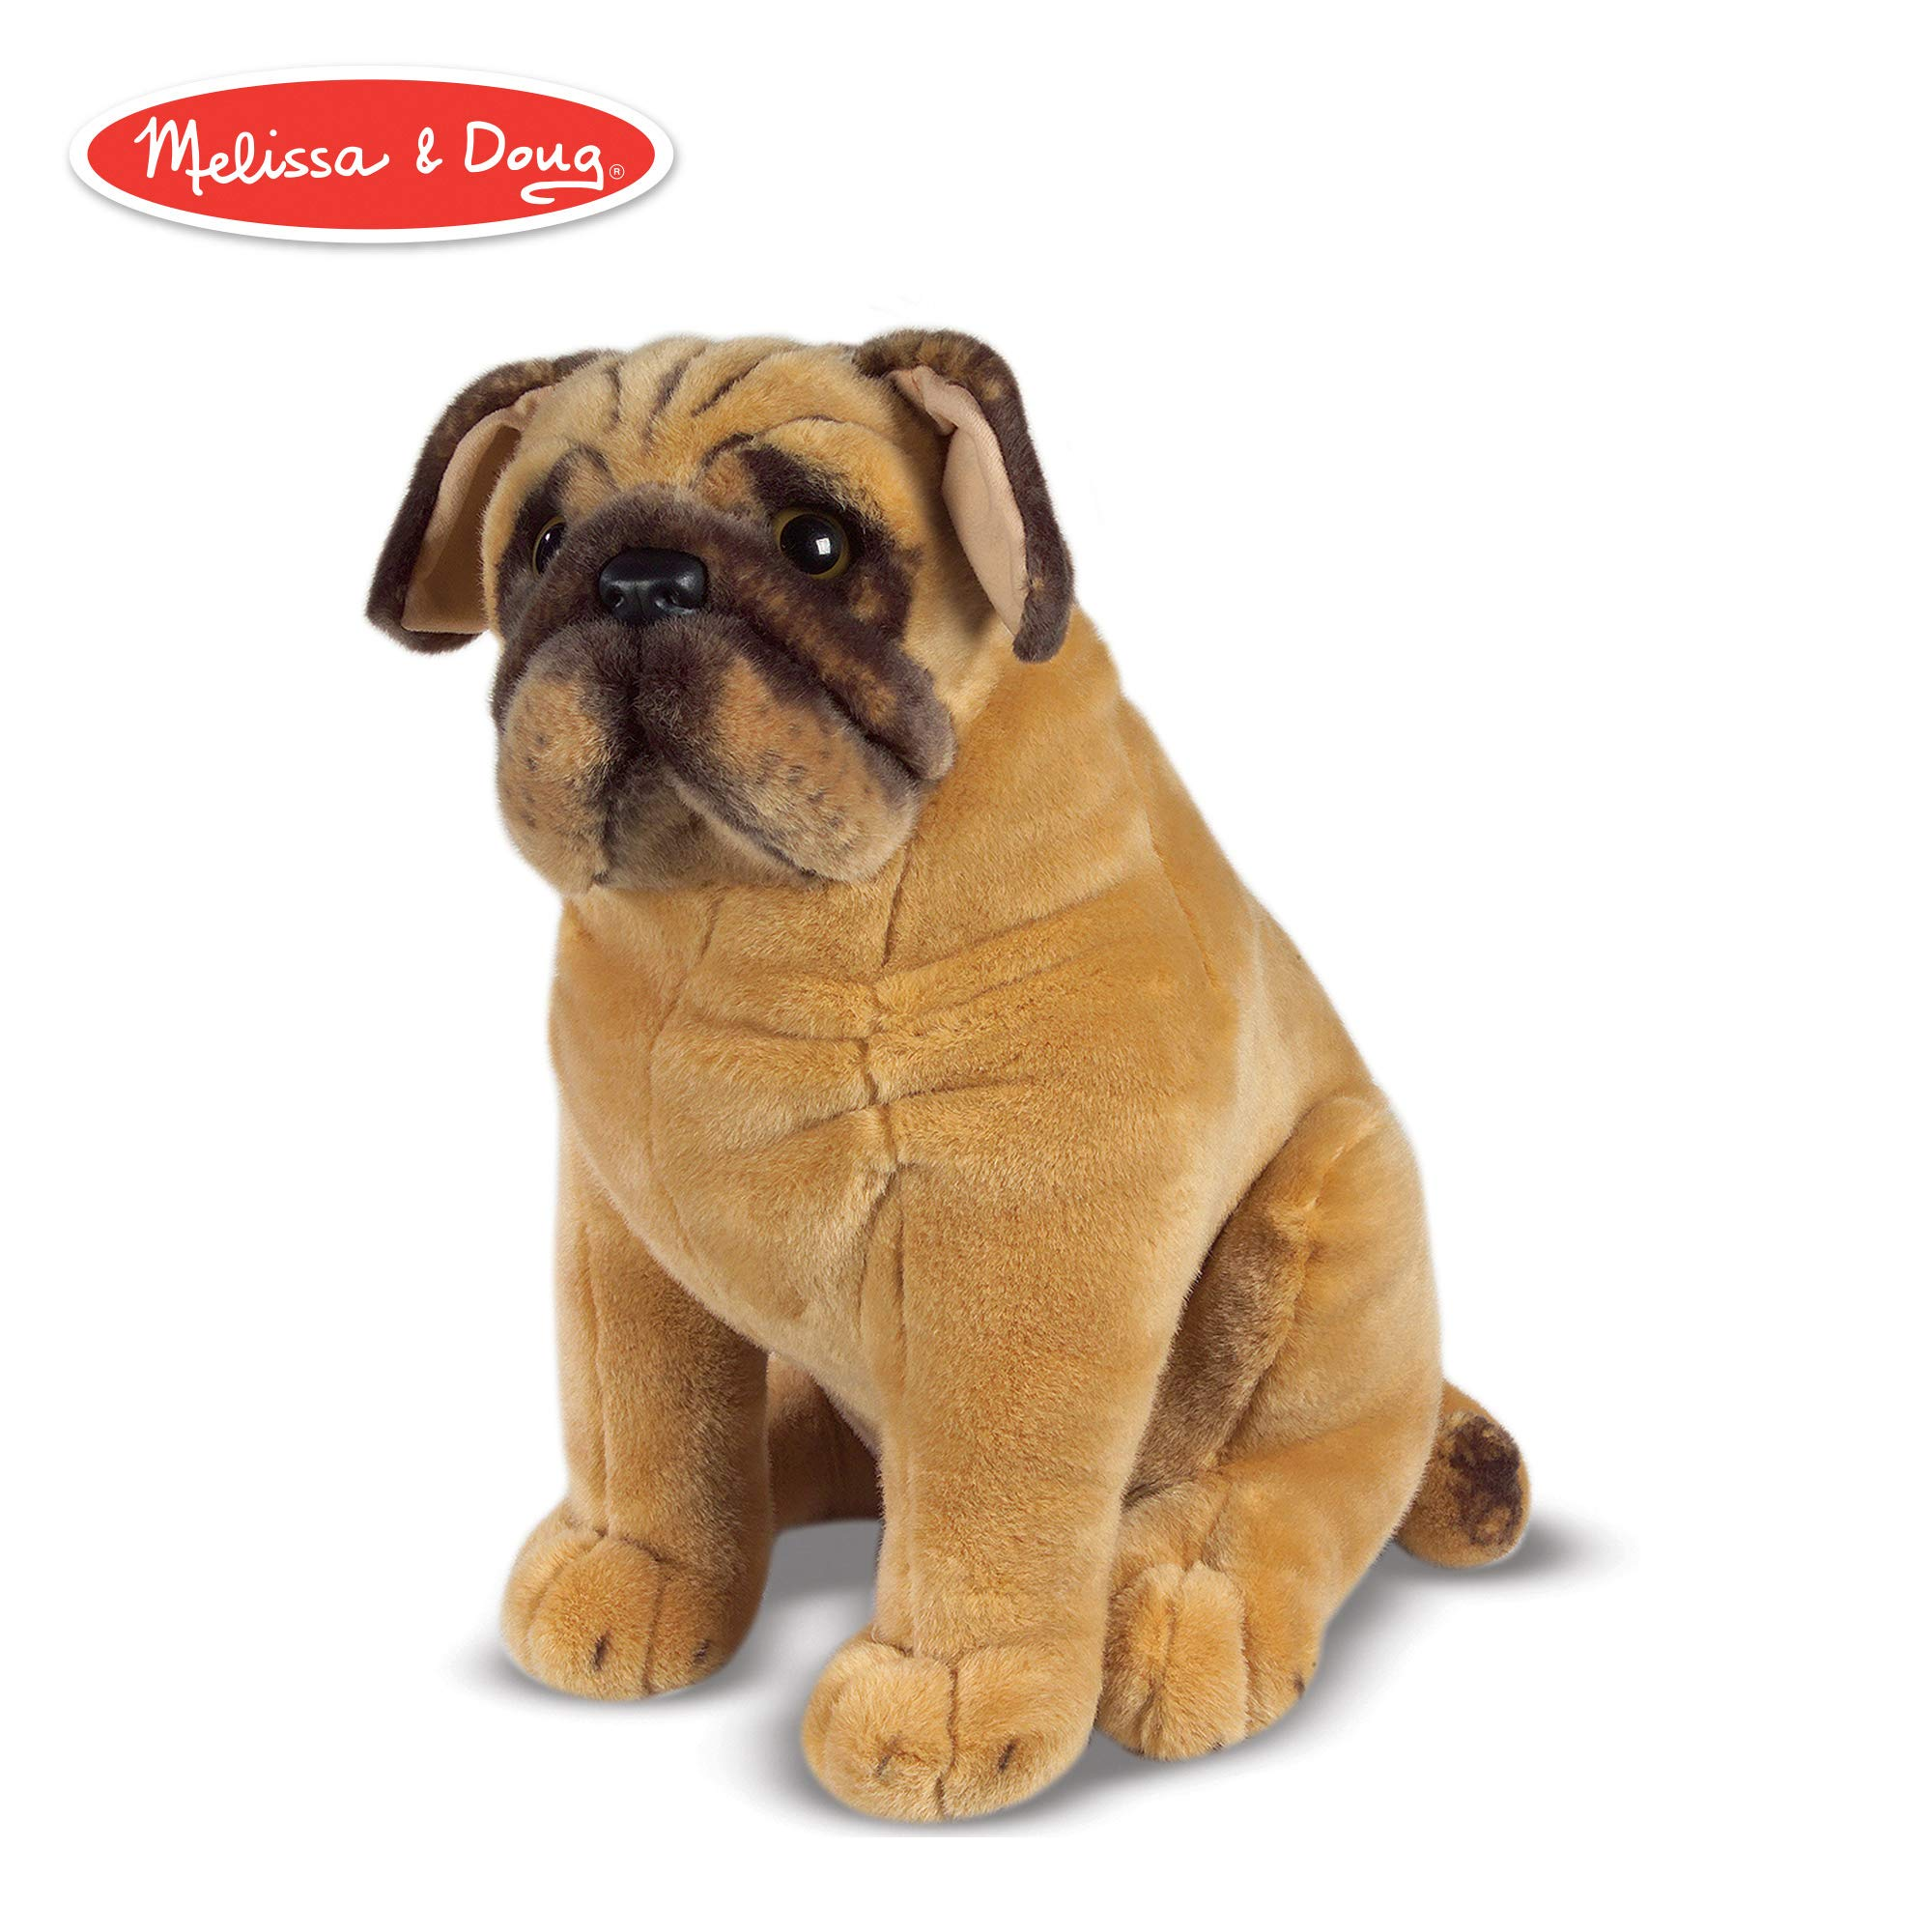 Melissa & Doug Pug Dog (Lifelike Stuffed Animal) by Melissa & Doug